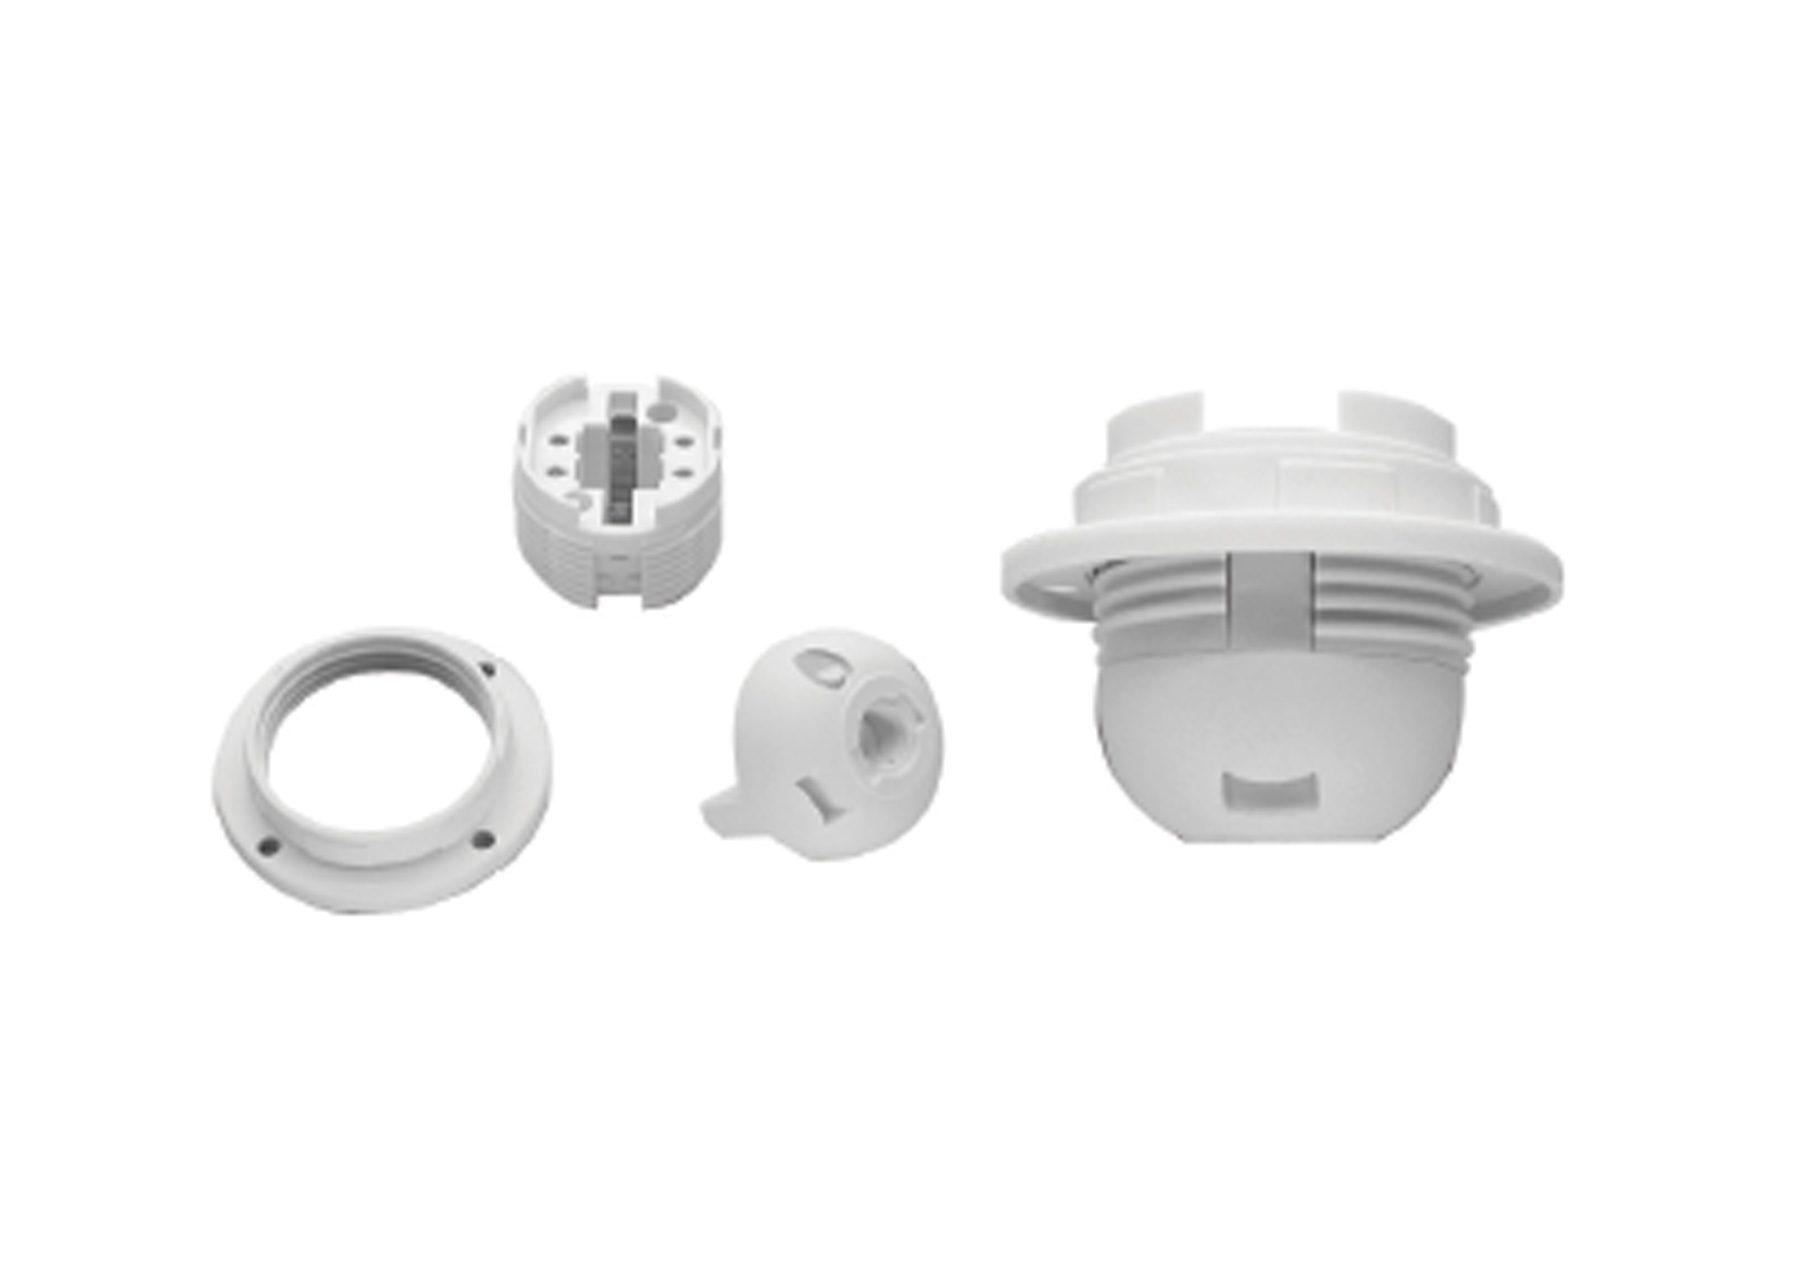 CFL Light Socket Insulating Cap